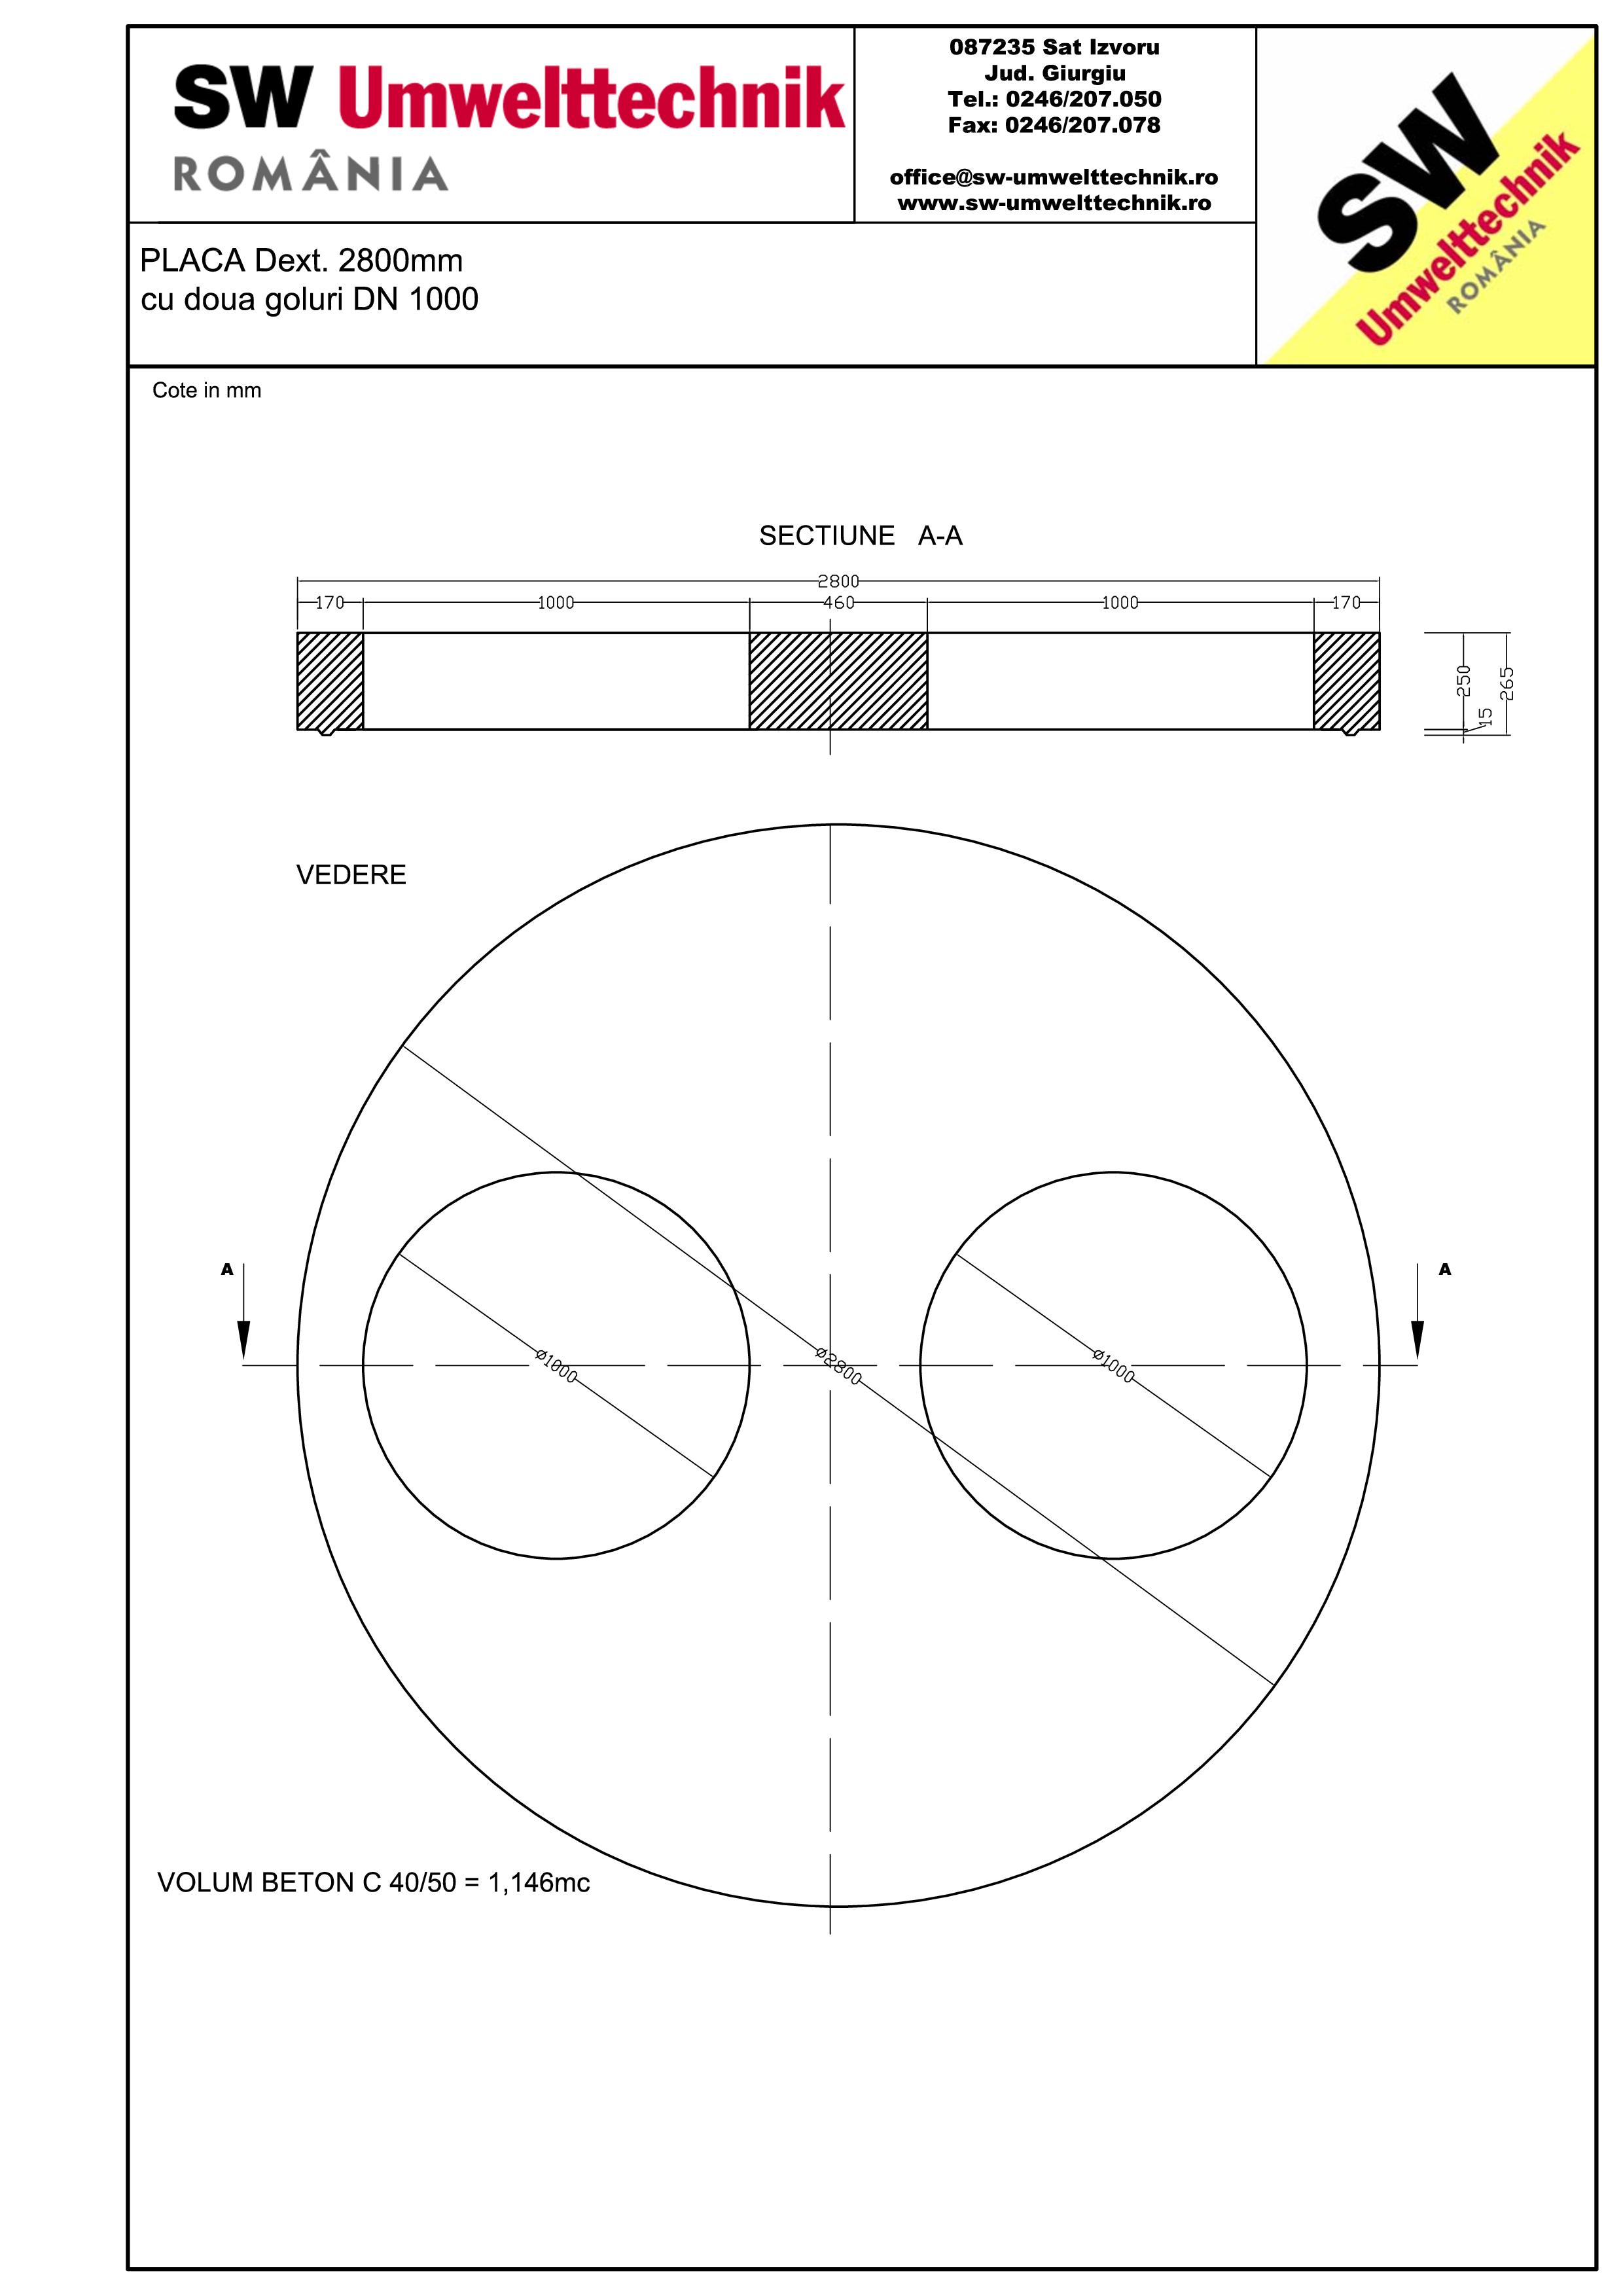 Pagina 1 - CAD-PDF Placa Dext. 2800 H250 cu doua goluri DN1000 SW UMWELTTECHNIK Detaliu de produs